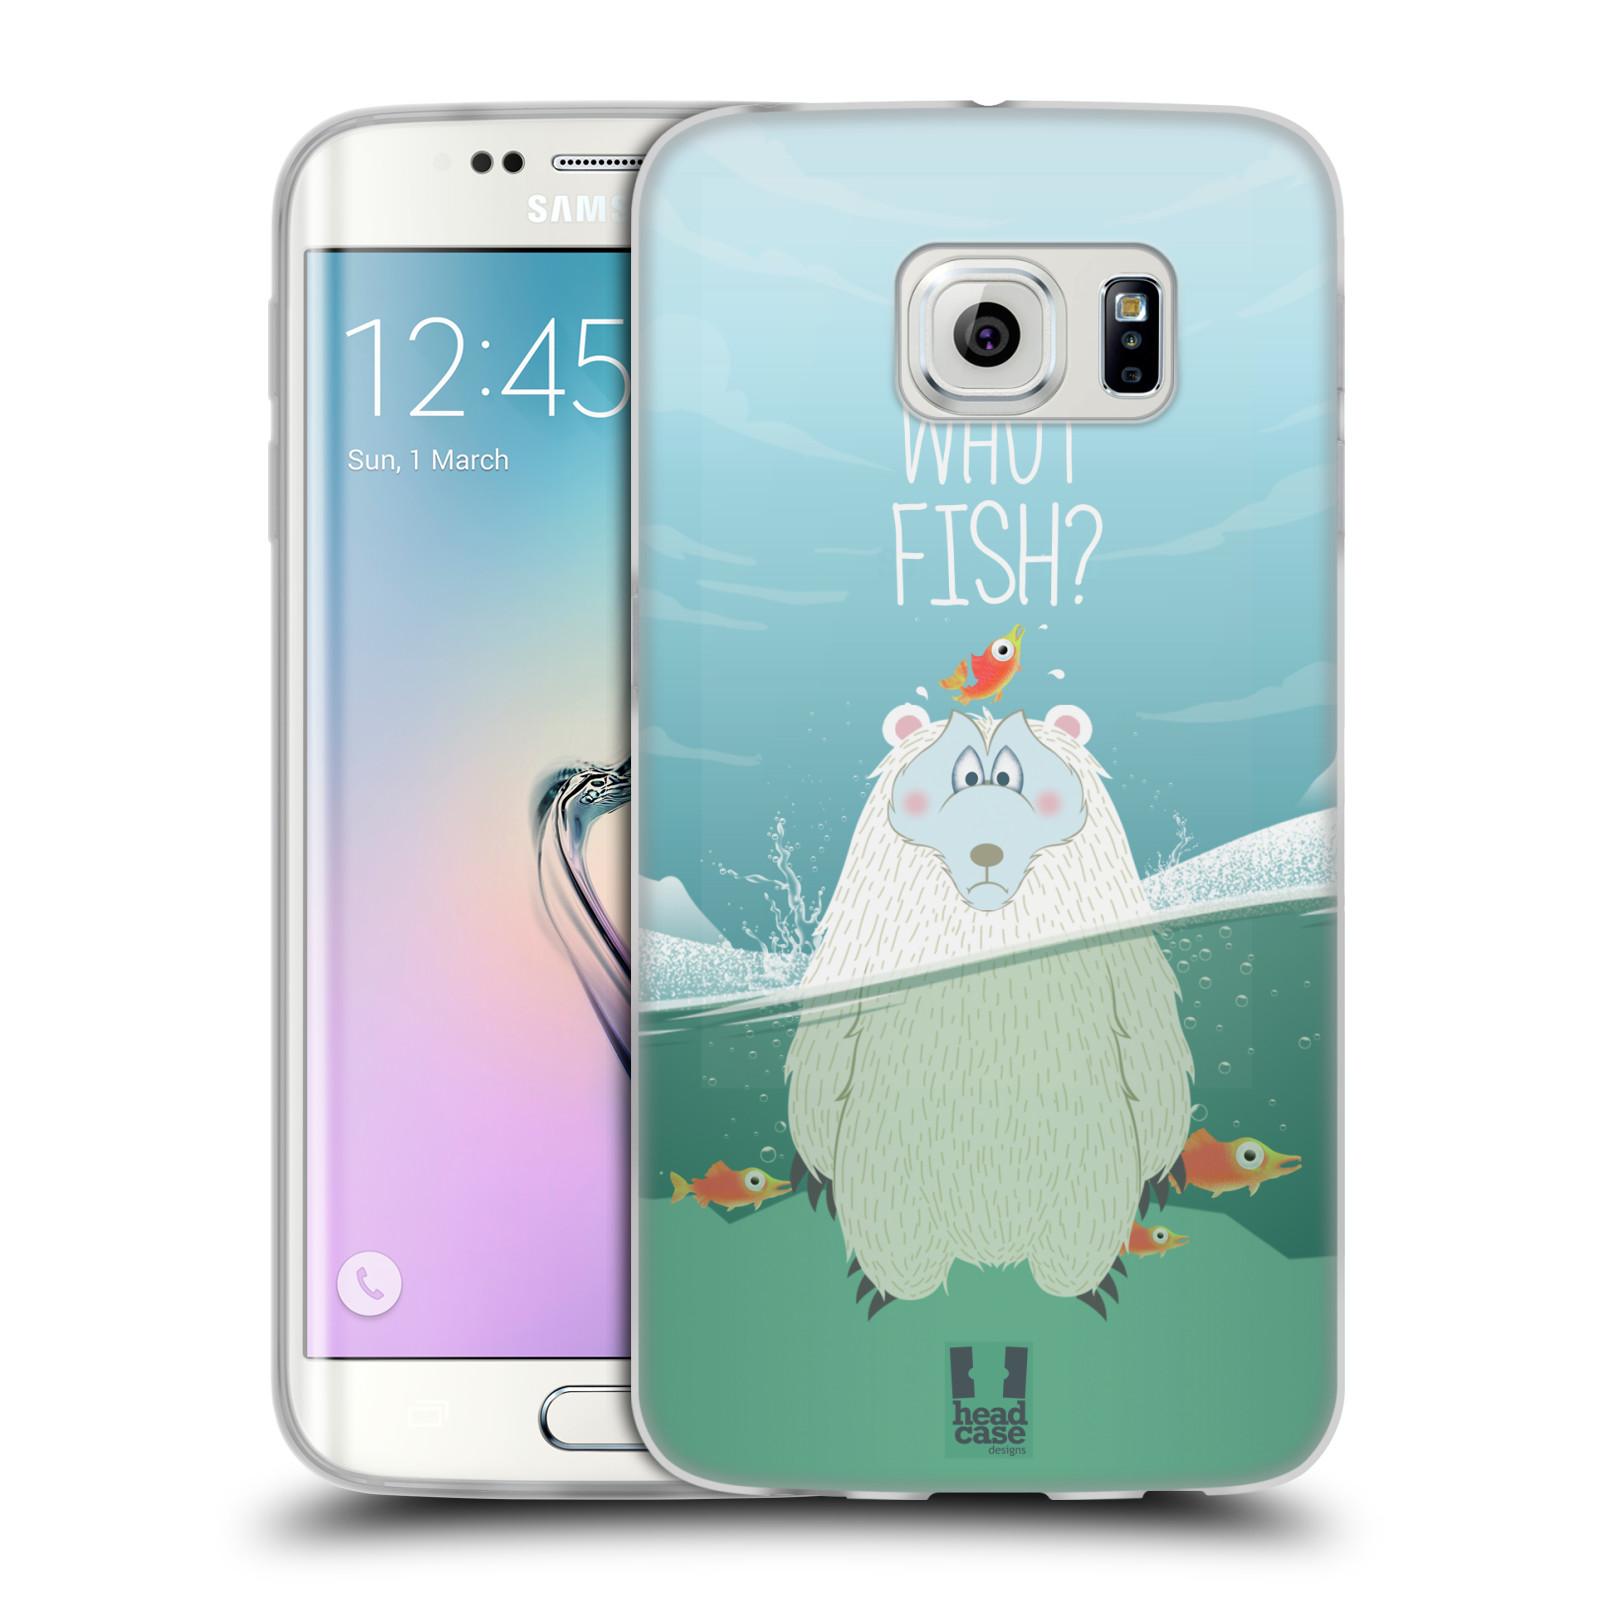 Silikonové pouzdro na mobil Samsung Galaxy S6 Edge HEAD CASE Medvěd Whut Fish? (Silikonový kryt či obal na mobilní telefon Samsung Galaxy S6 Edge SM-G925F)